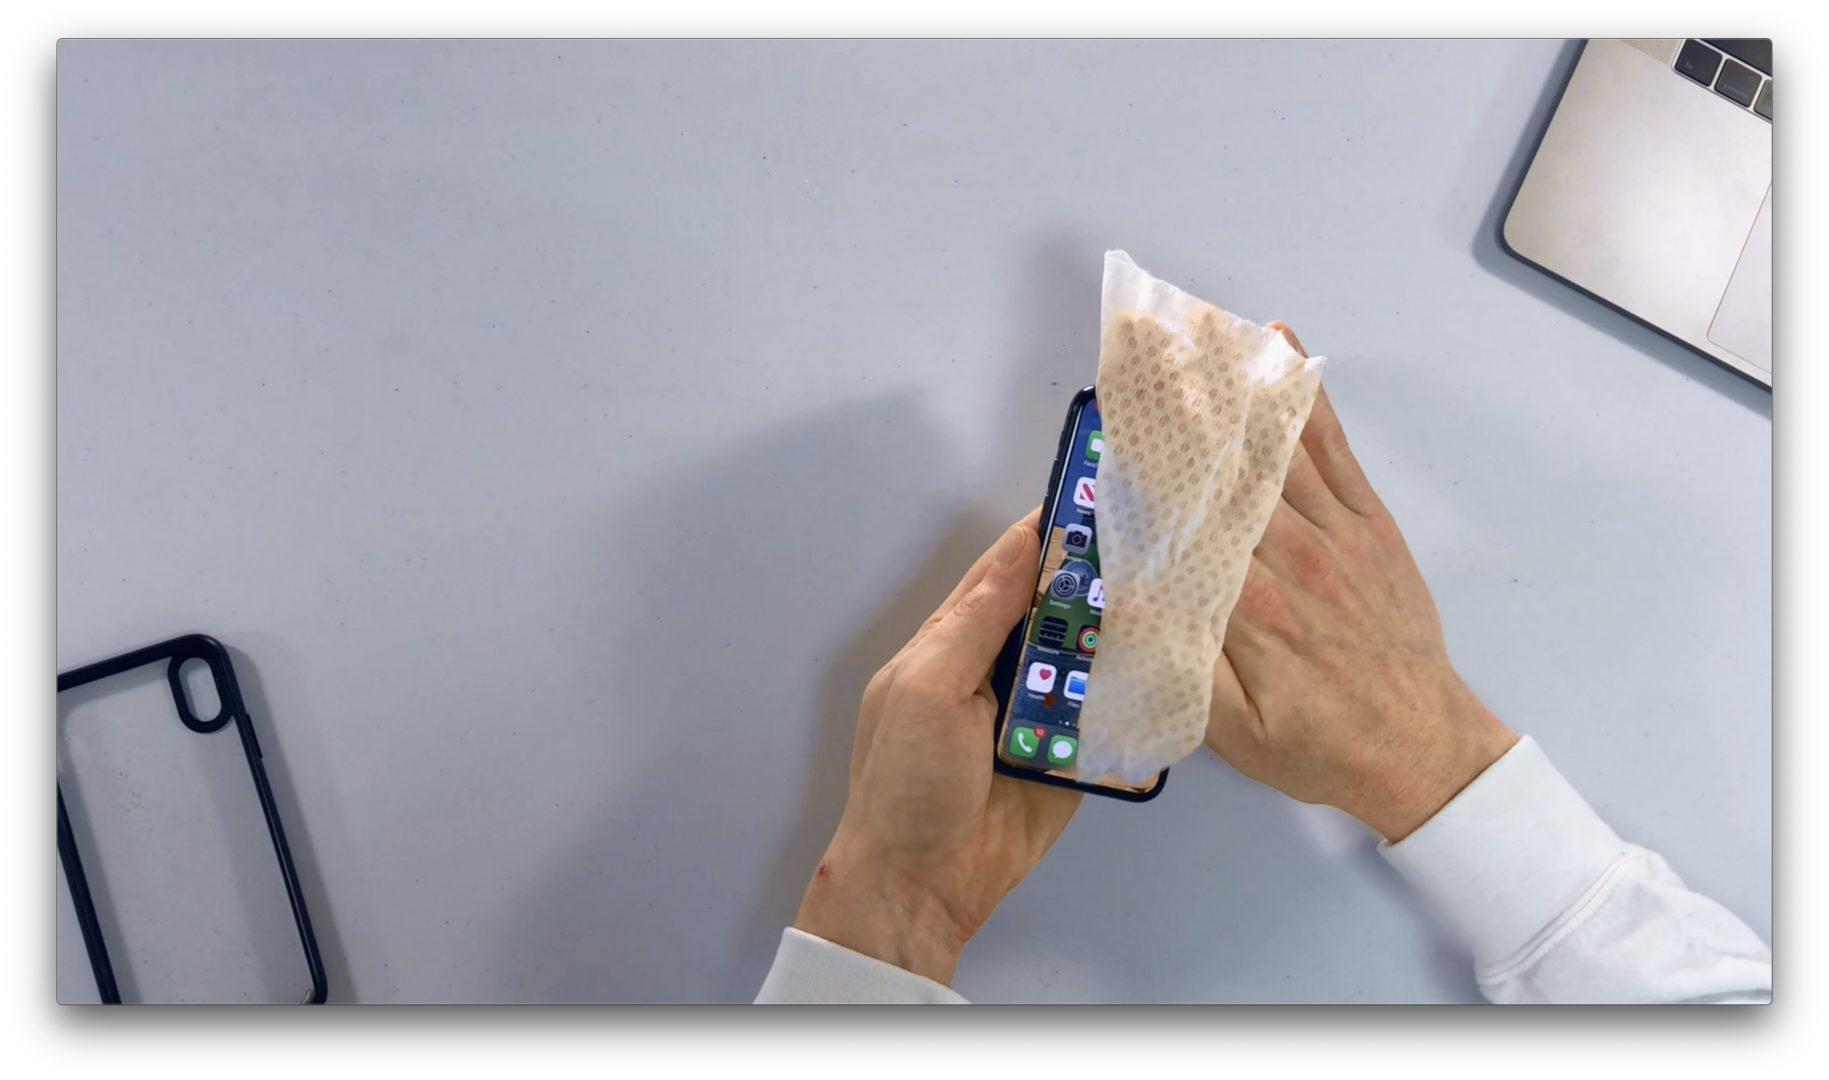 limpie suavemente para limpiar y desinfectar el teléfono